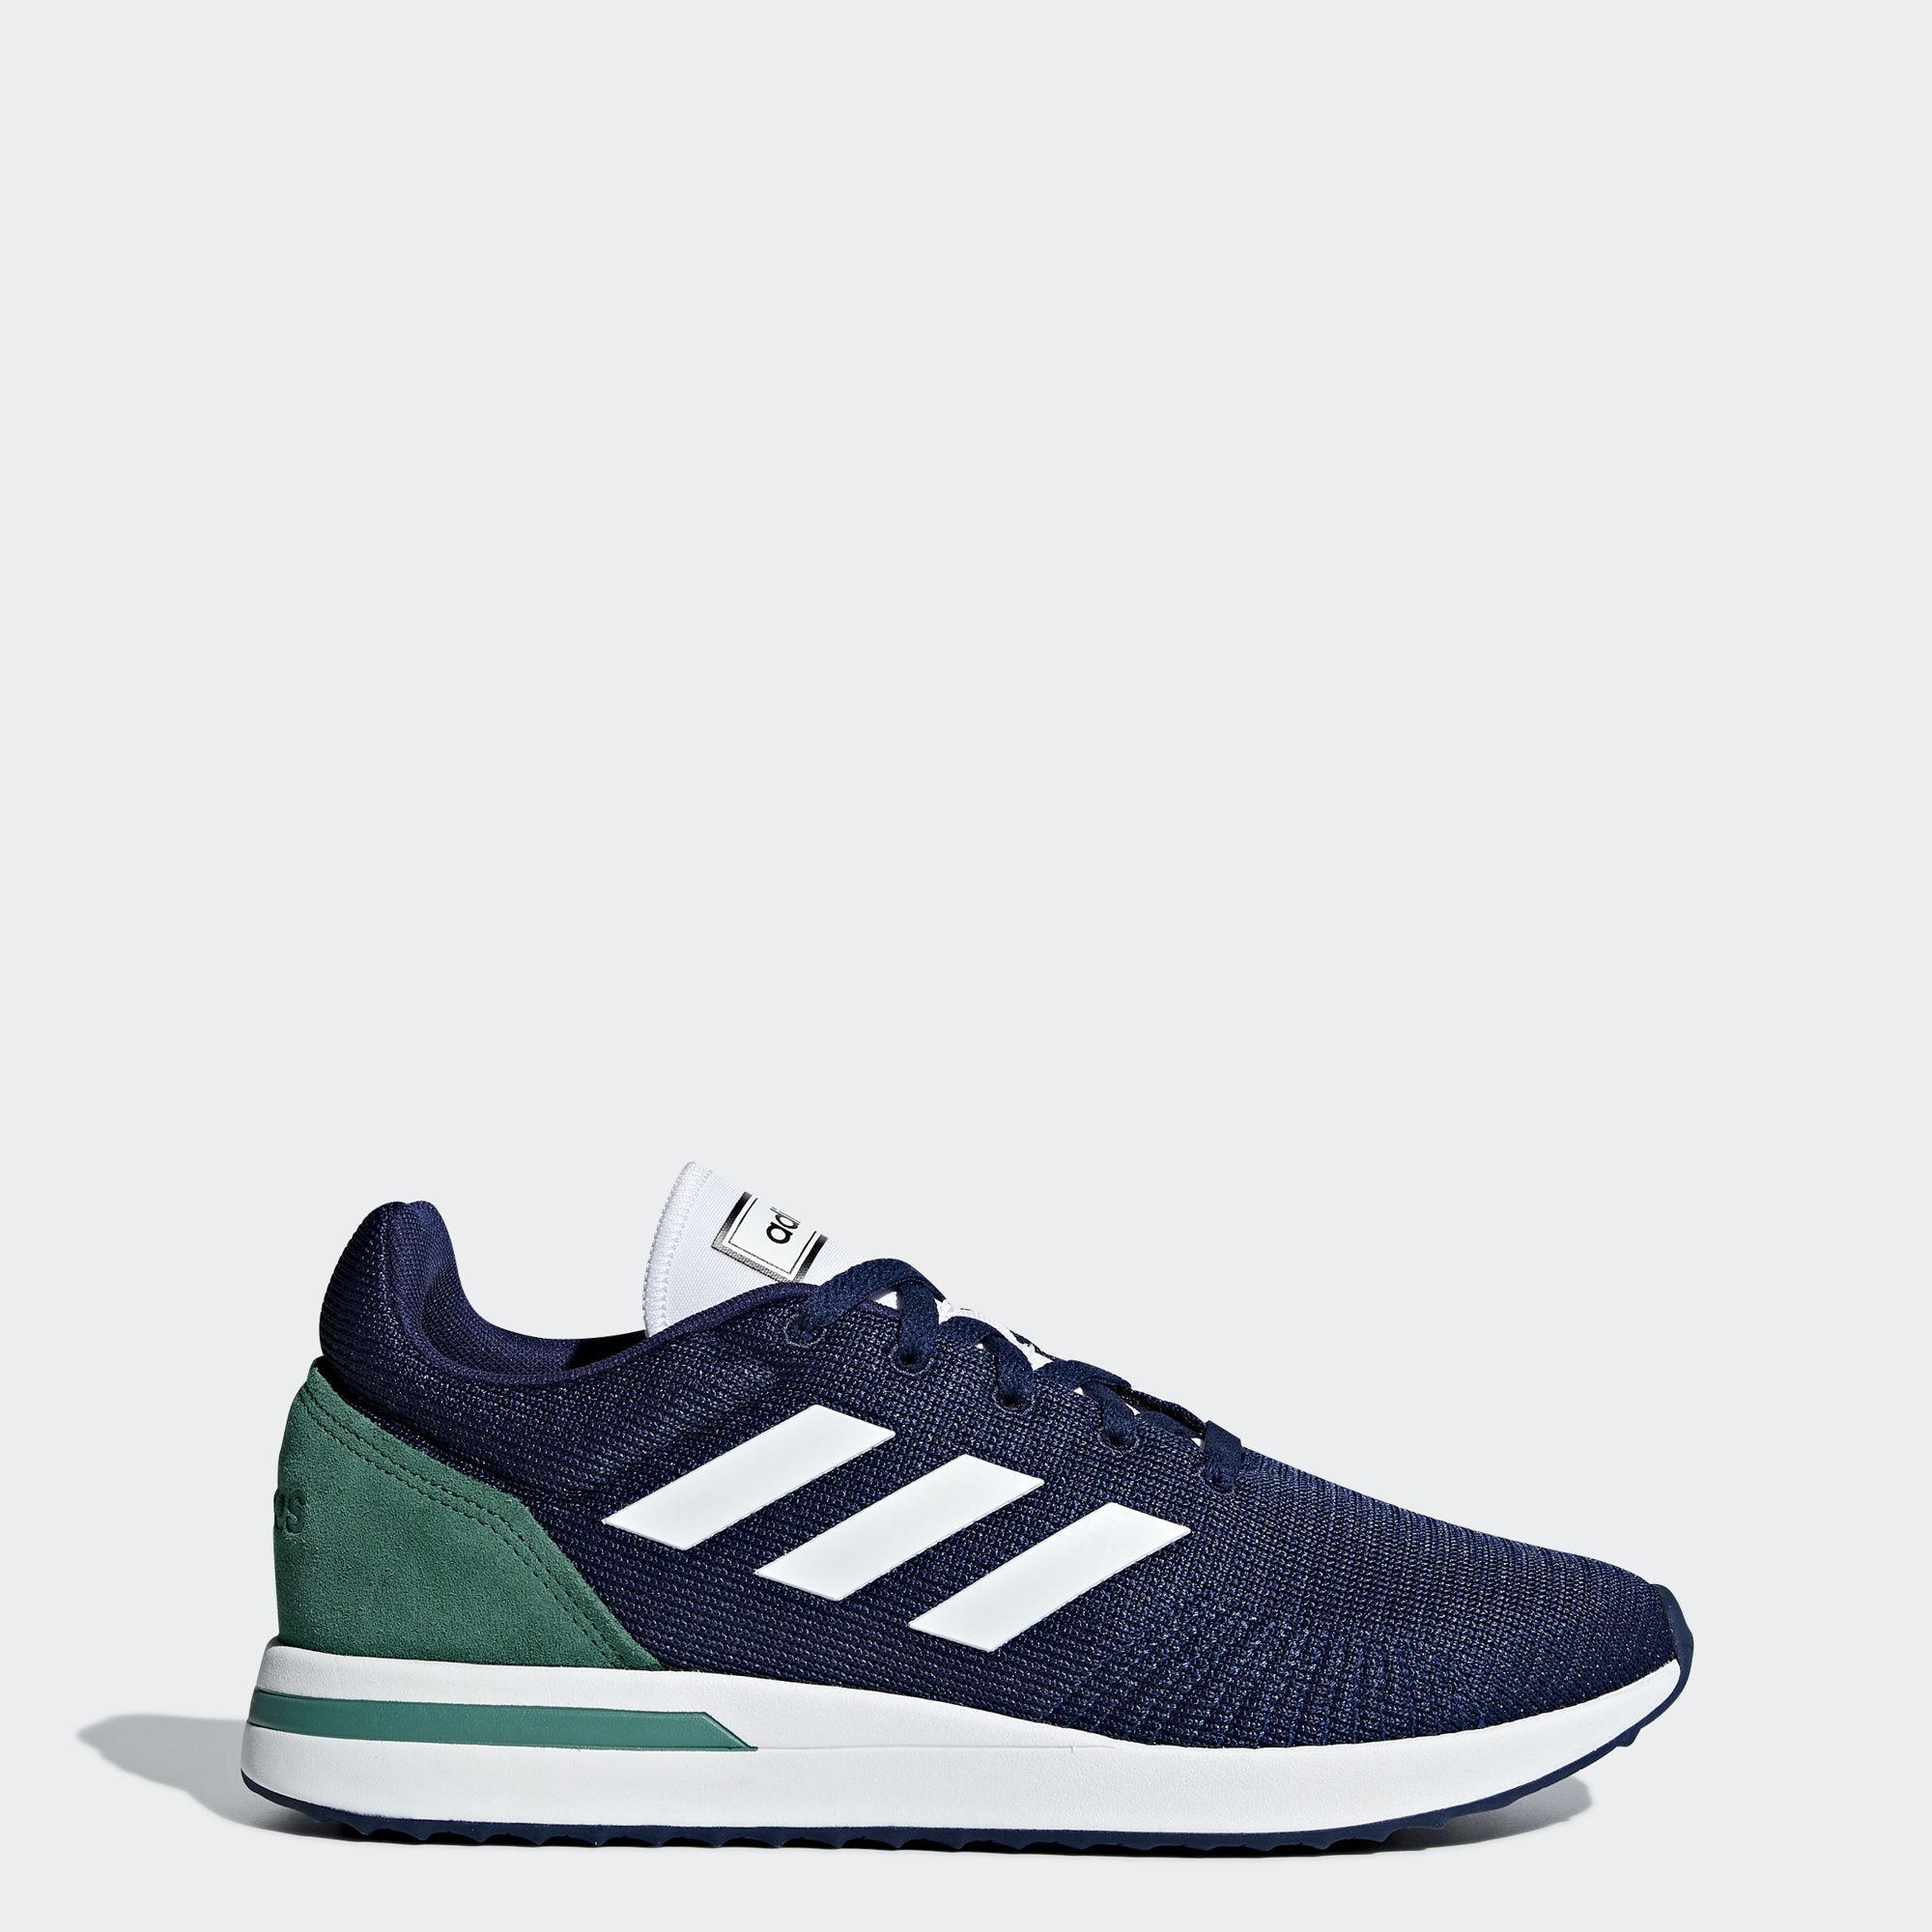 Adidas Turnschuhe Herren Dark Dark Dark Blau   Ftwr Weiß   Active Grün im Online Shop von SportScheck kaufen Gute Qualität beliebte Schuhe 3eee15